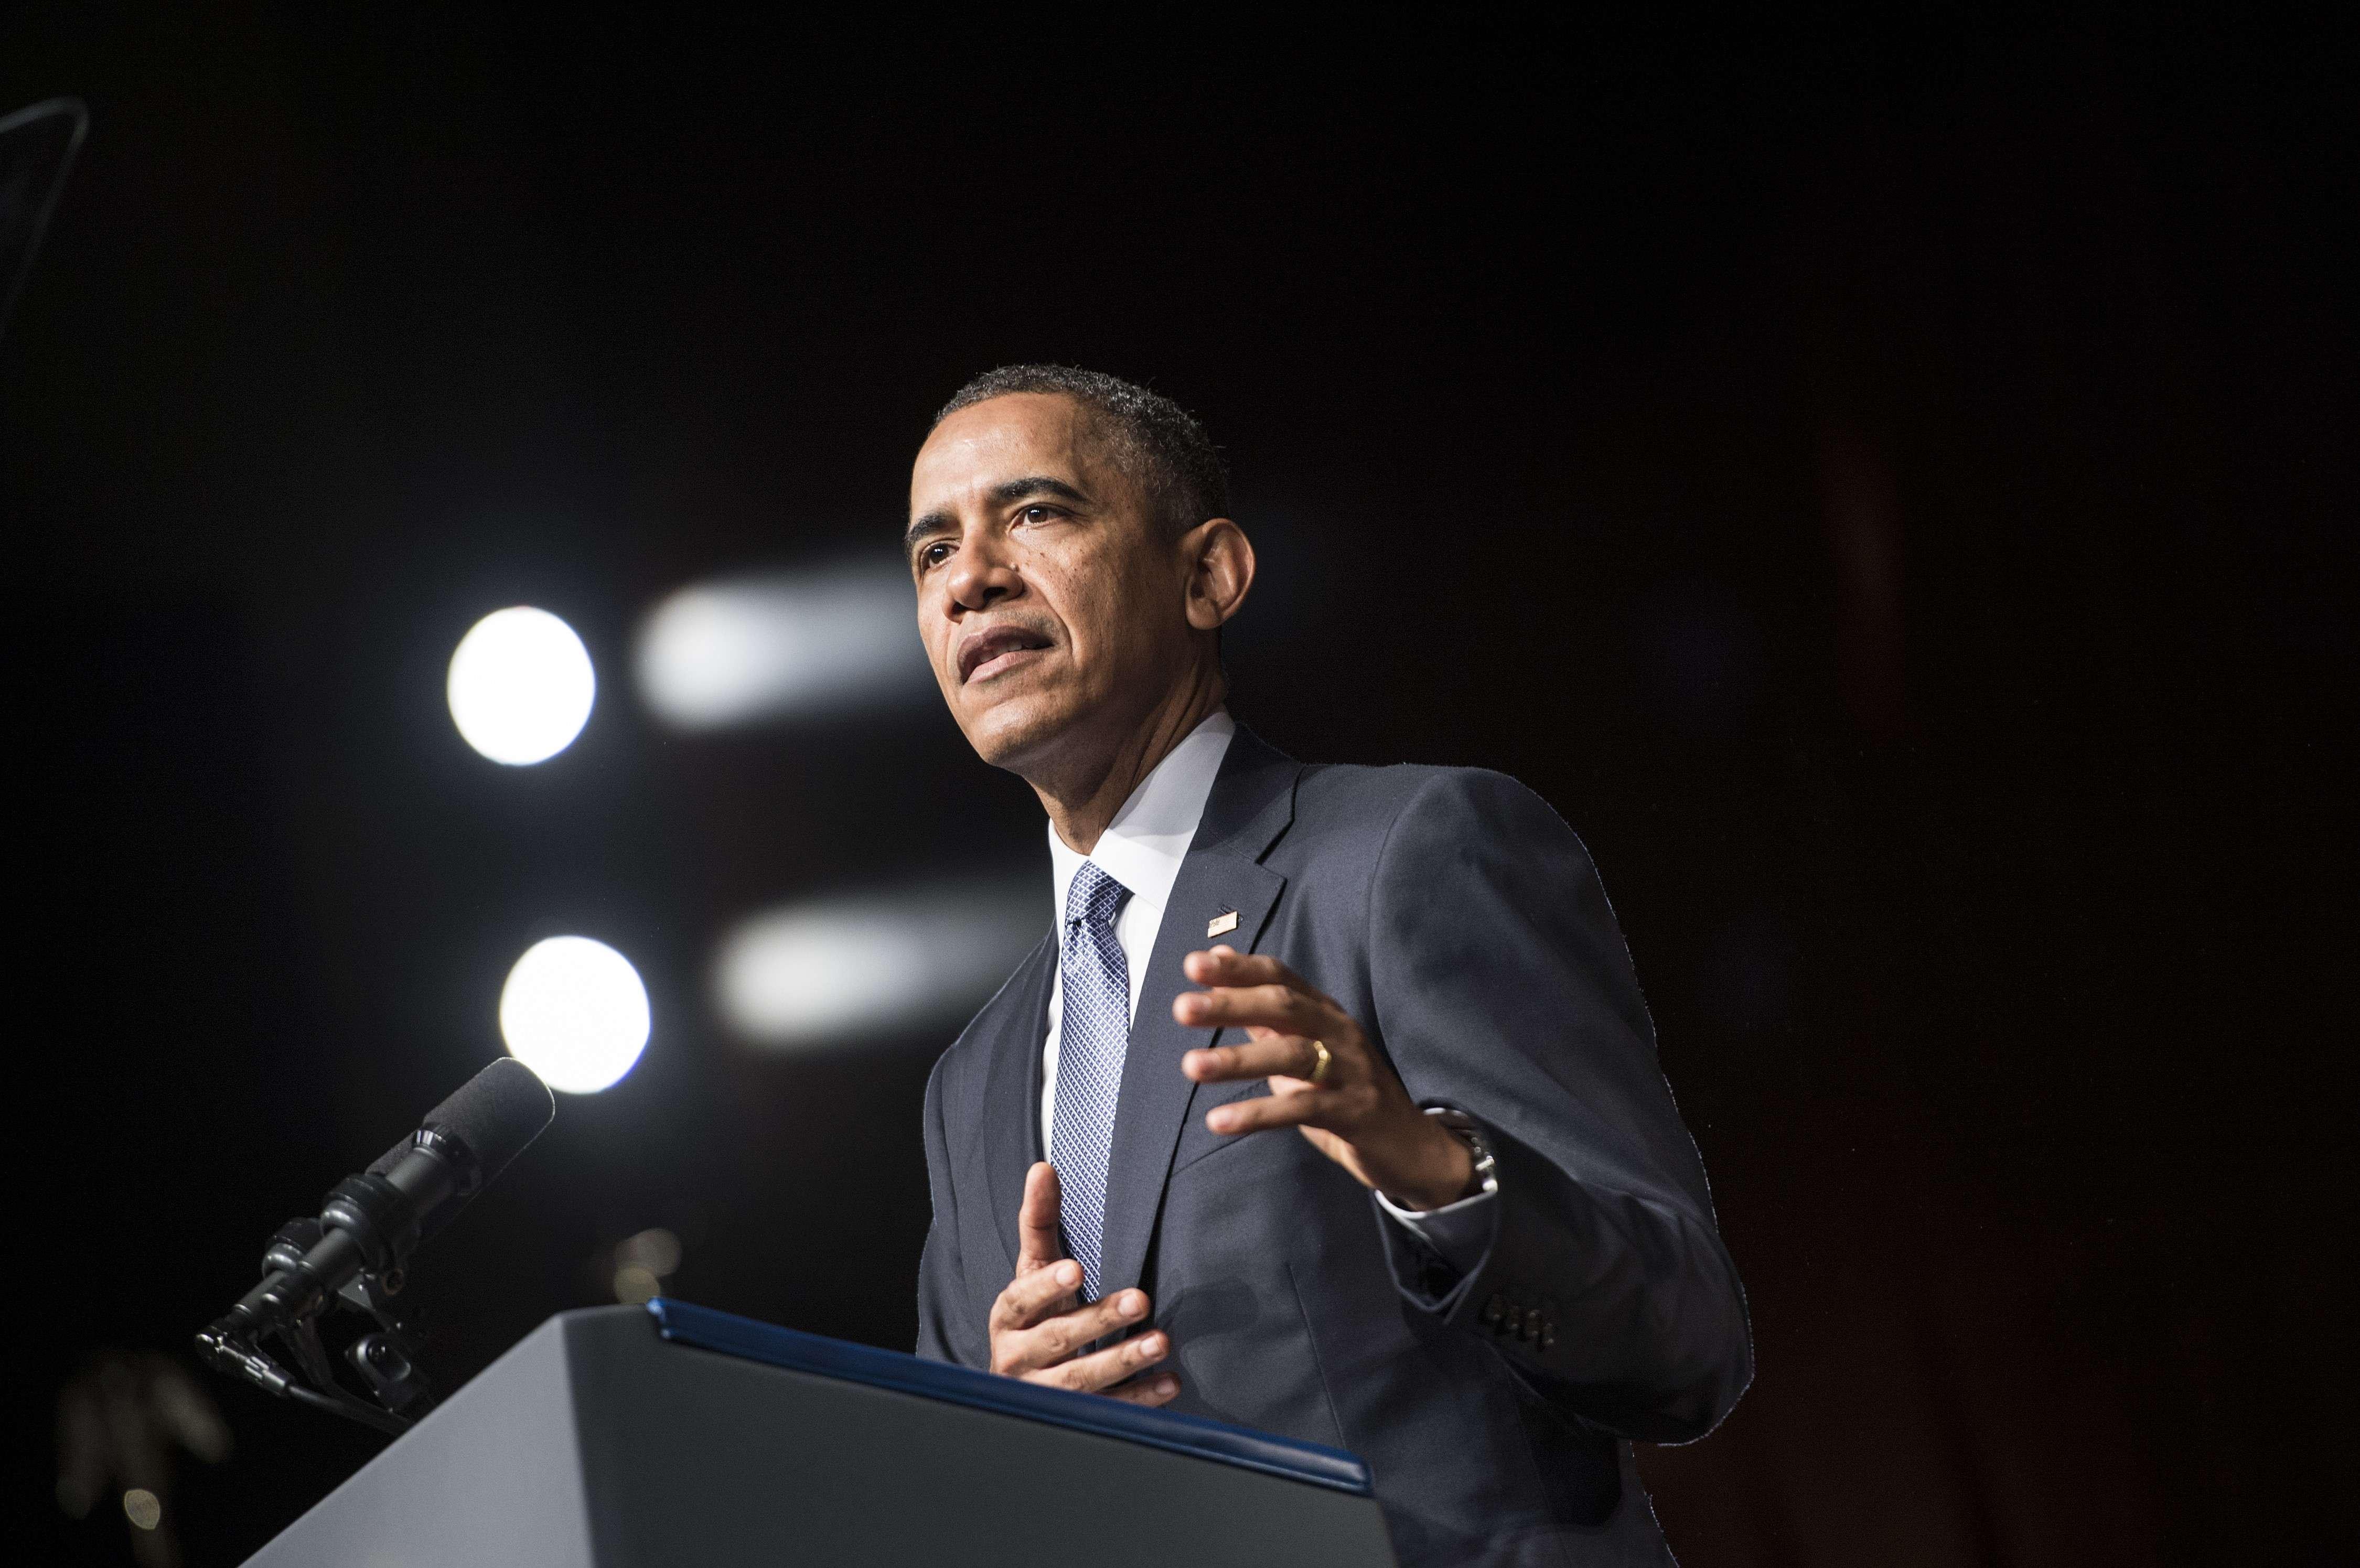 President Barack Obama speaks at the Lyndon B. Johnson Presidential Library April 10, 2014 in Austin, Texas.